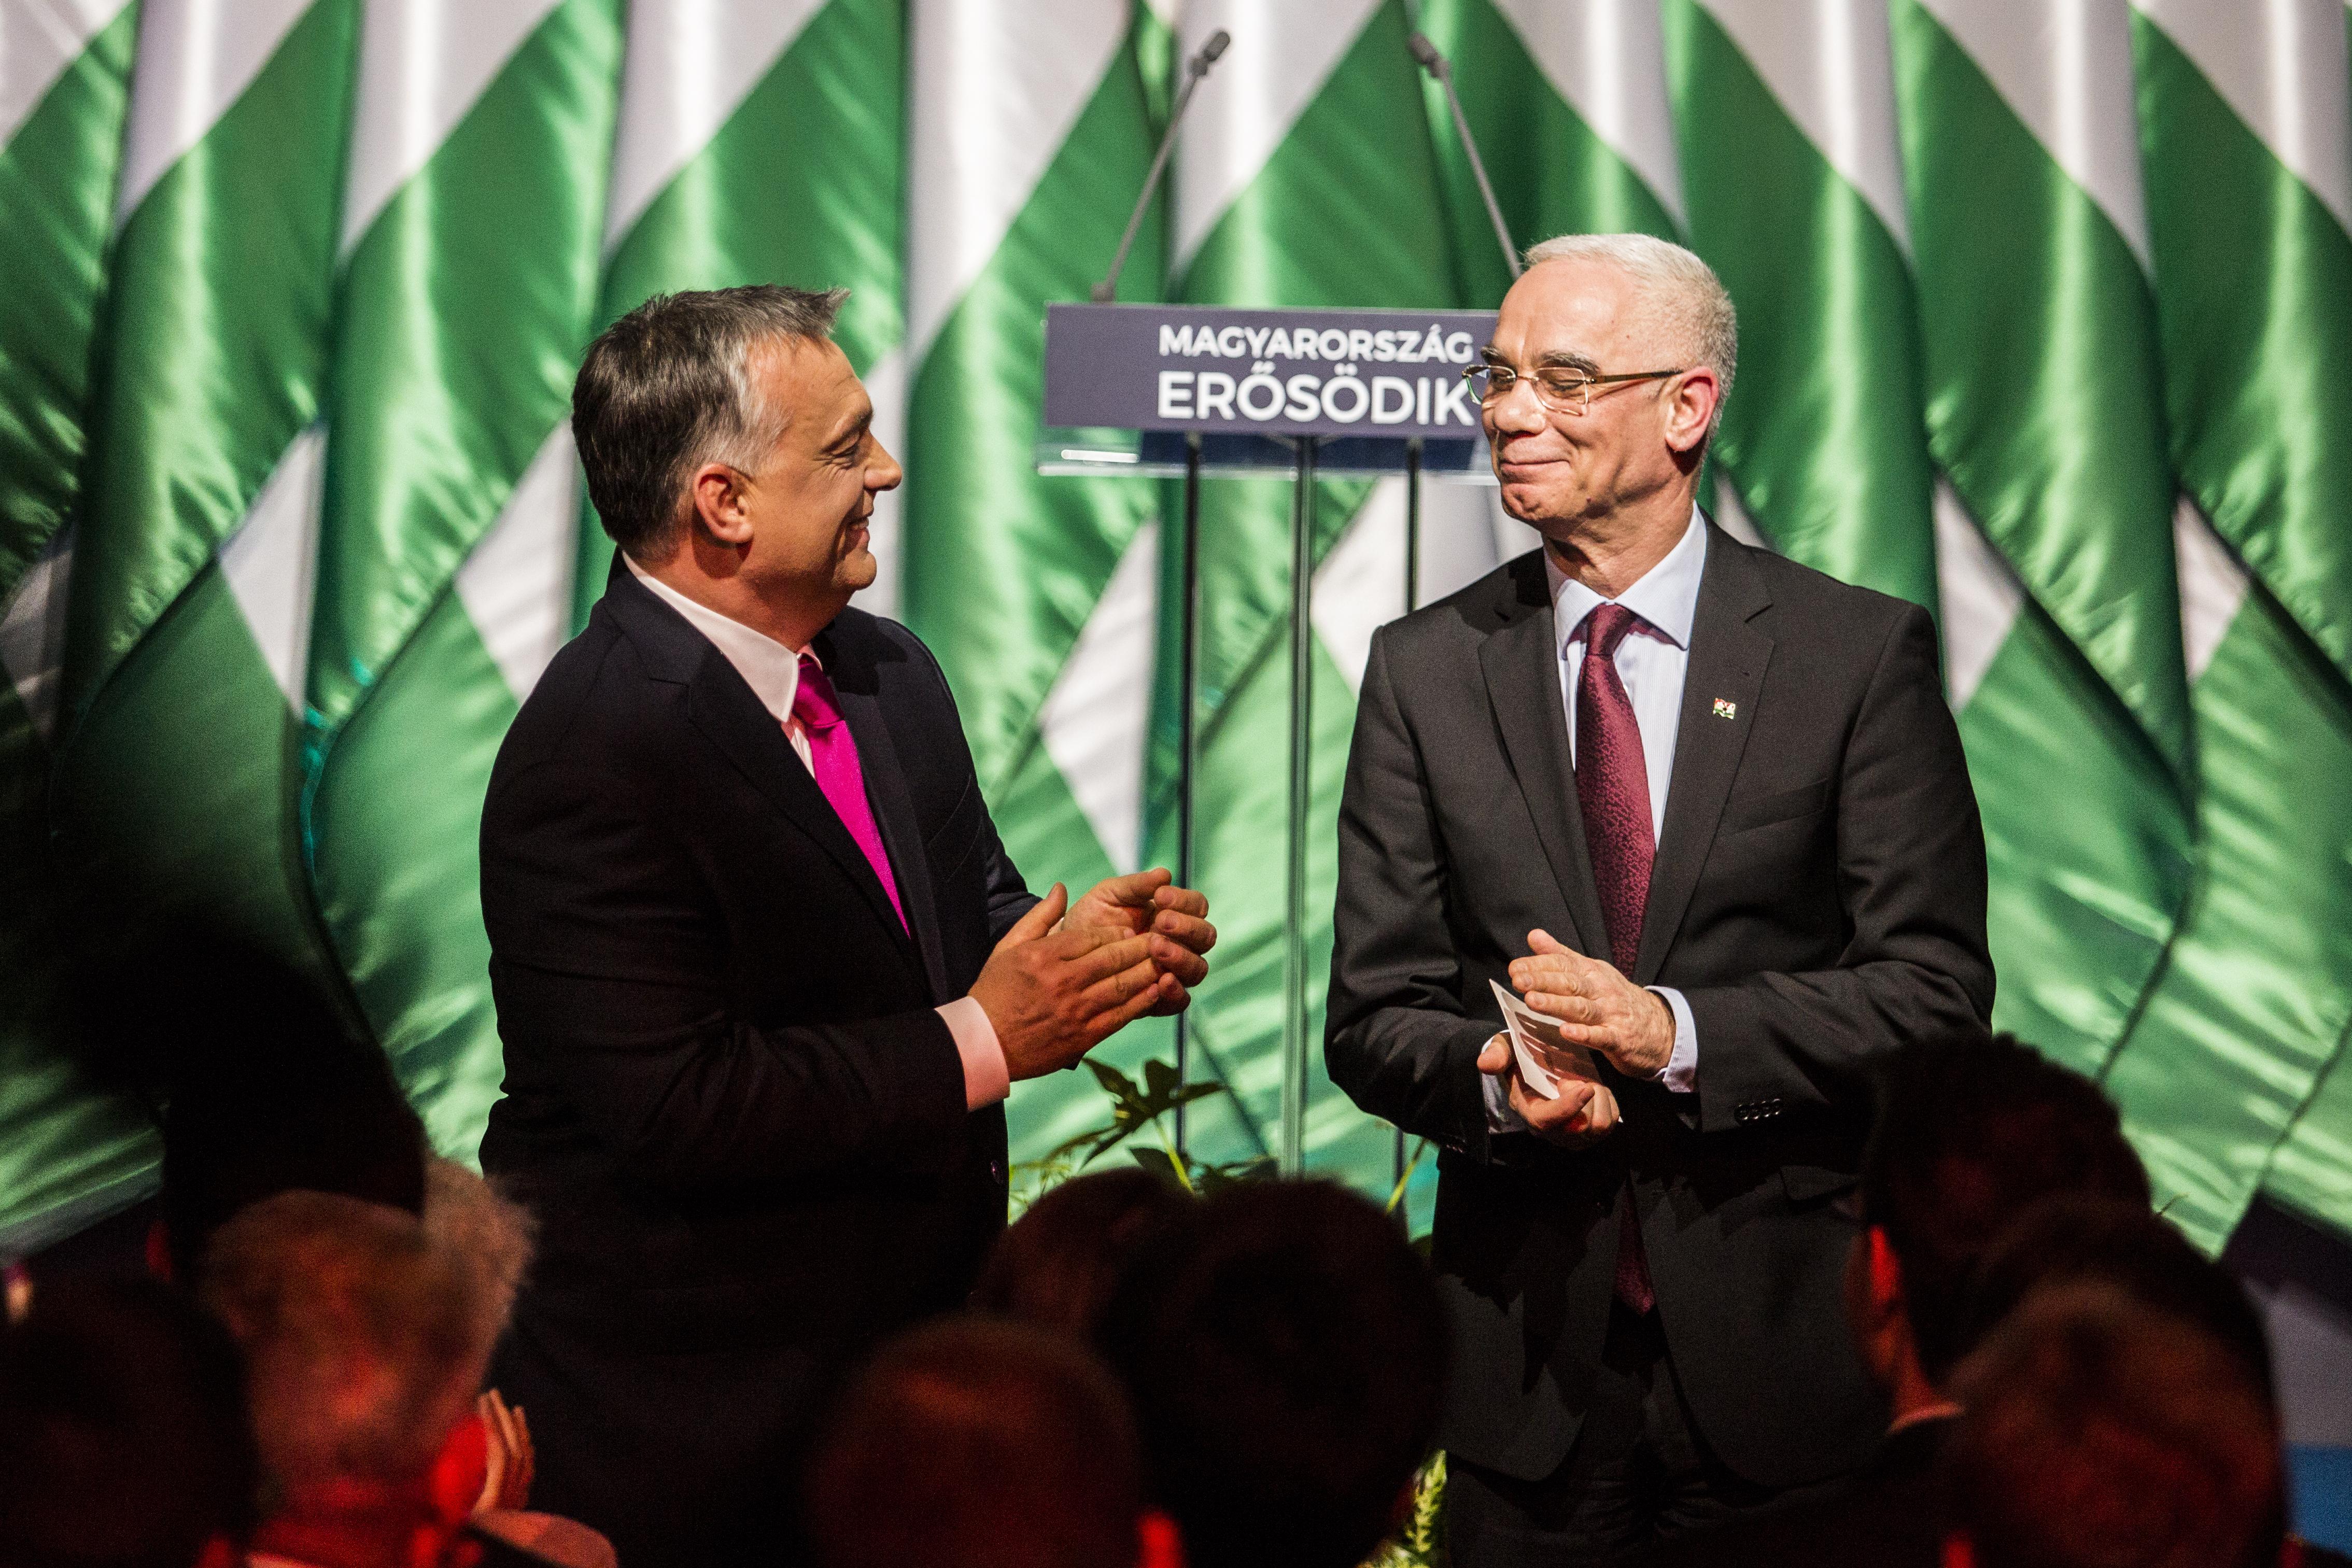 Balog Zoltán kapott egy miniszterelnöki biztosi állást